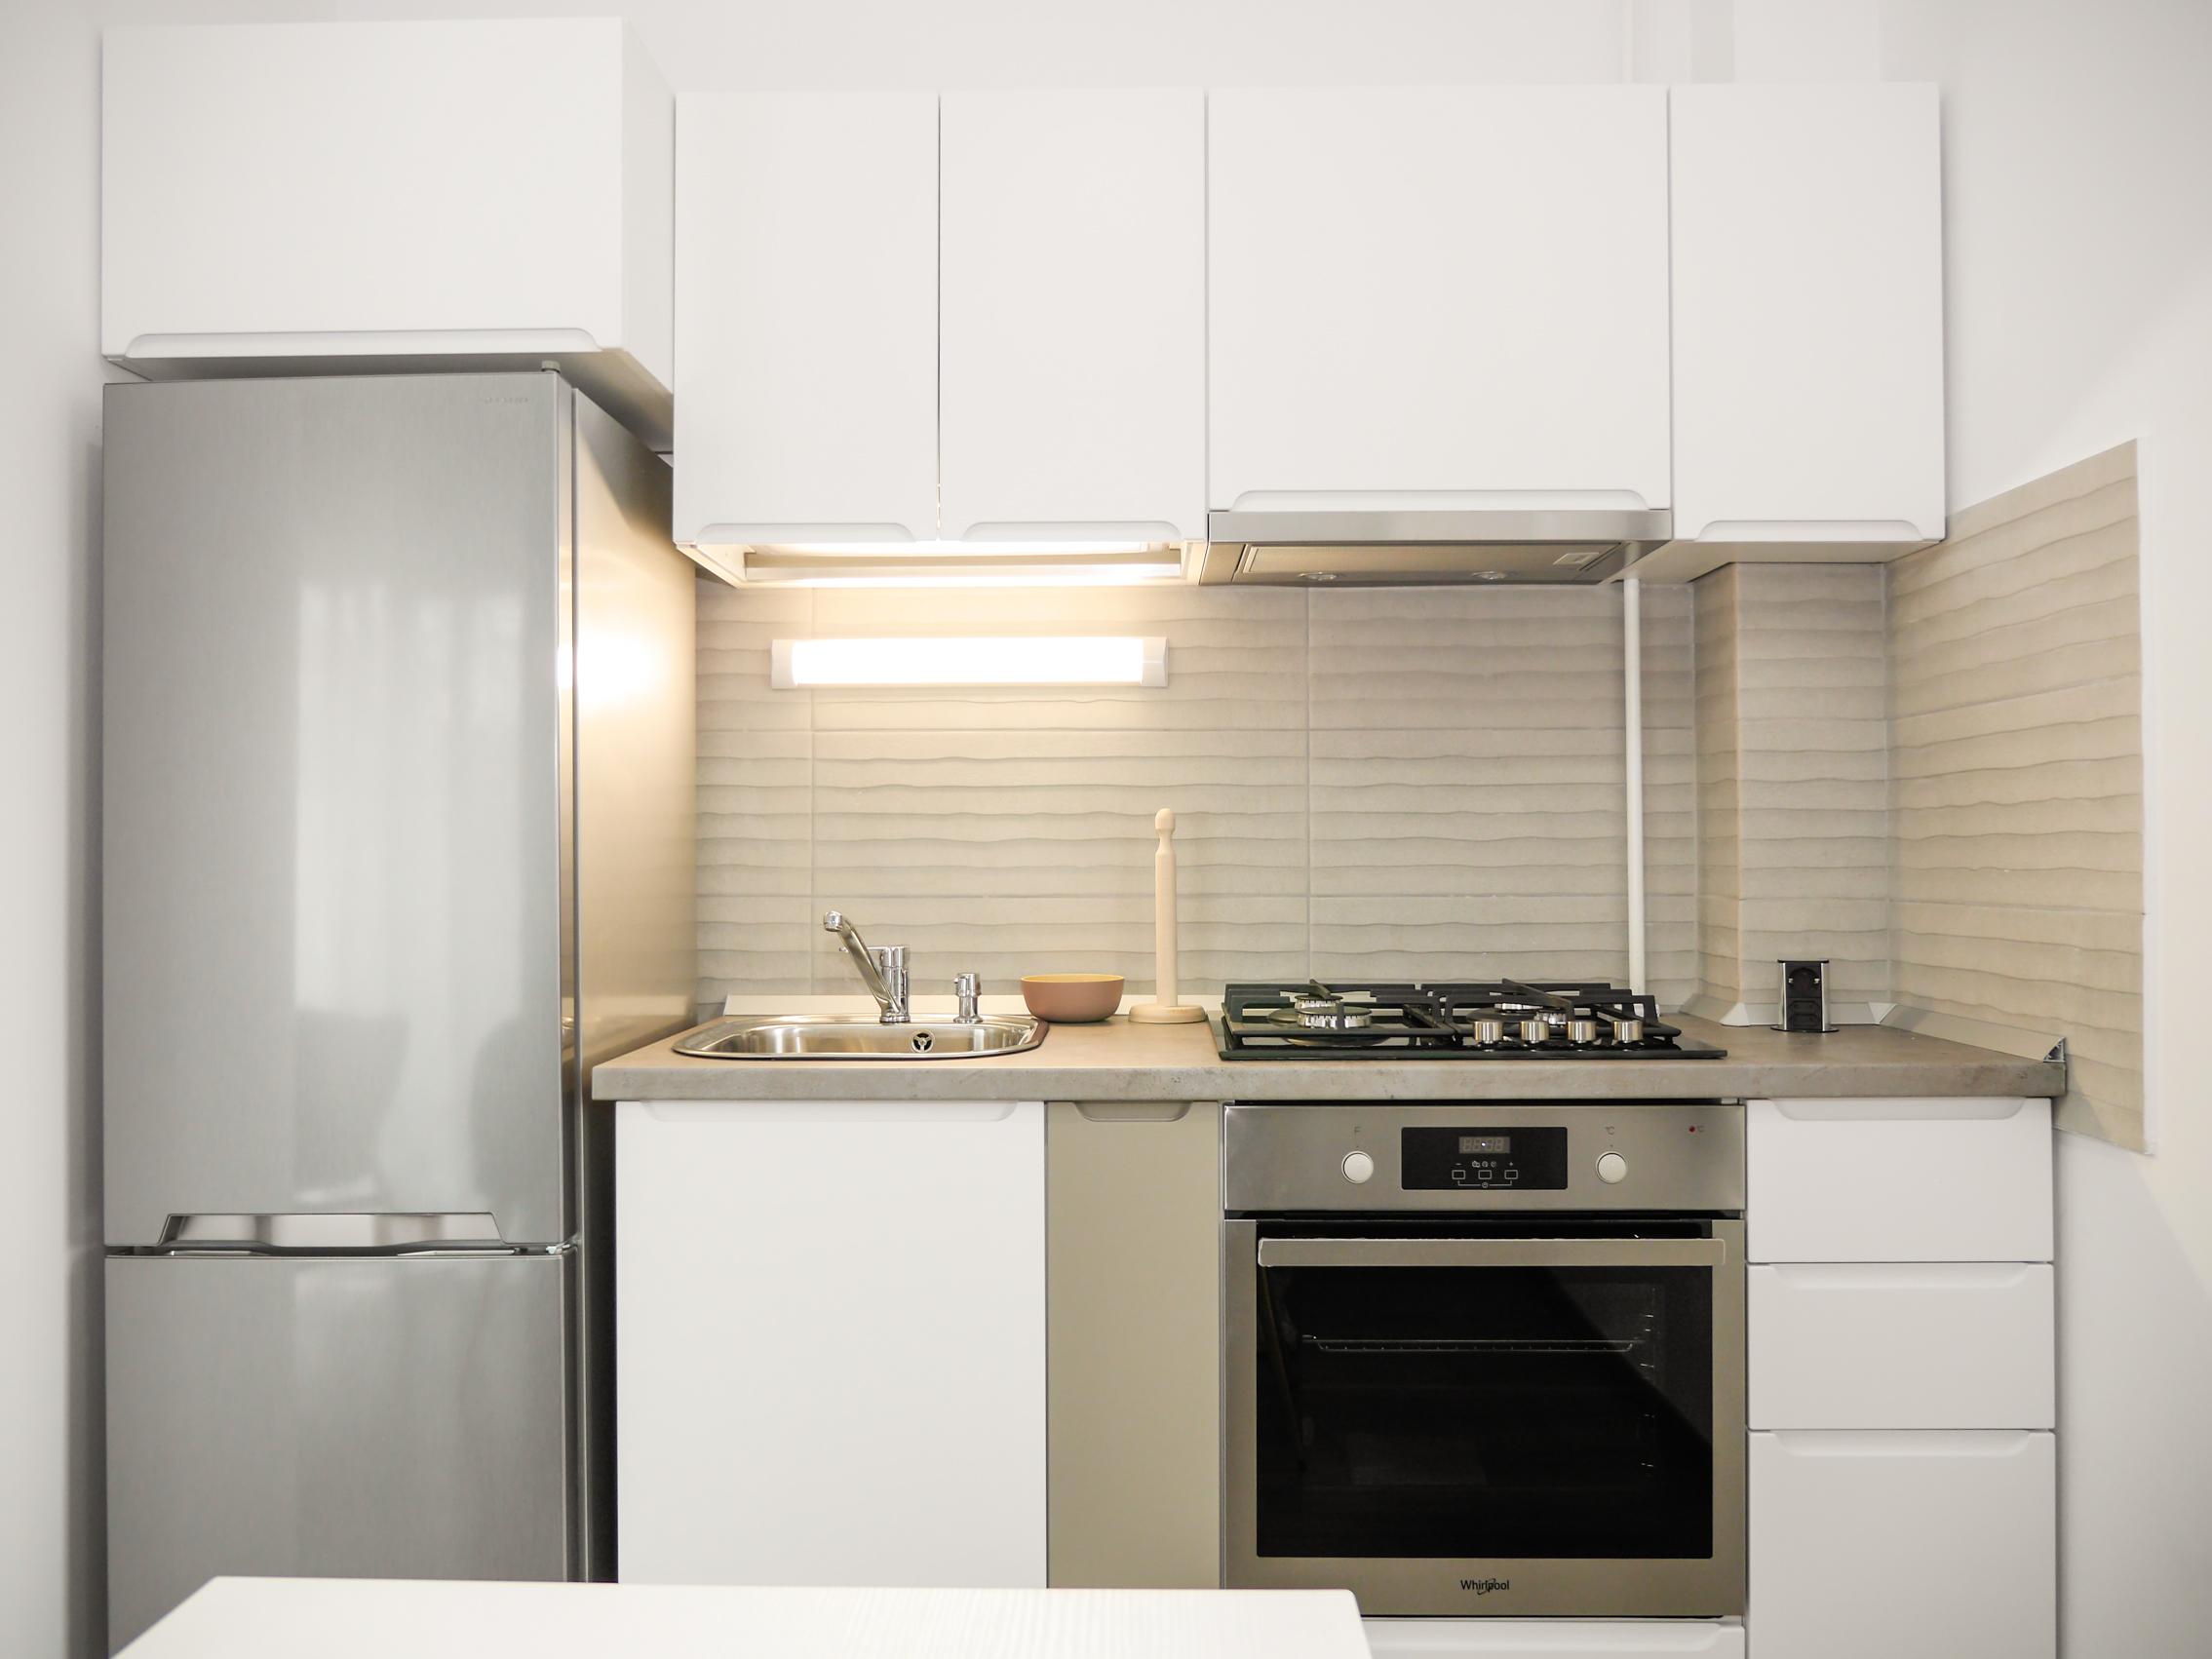 Clement Apartments - apartamente de inchiriat in regim hotelier - cazare neamt - cazare piatra neamt - apartament 9 (1)